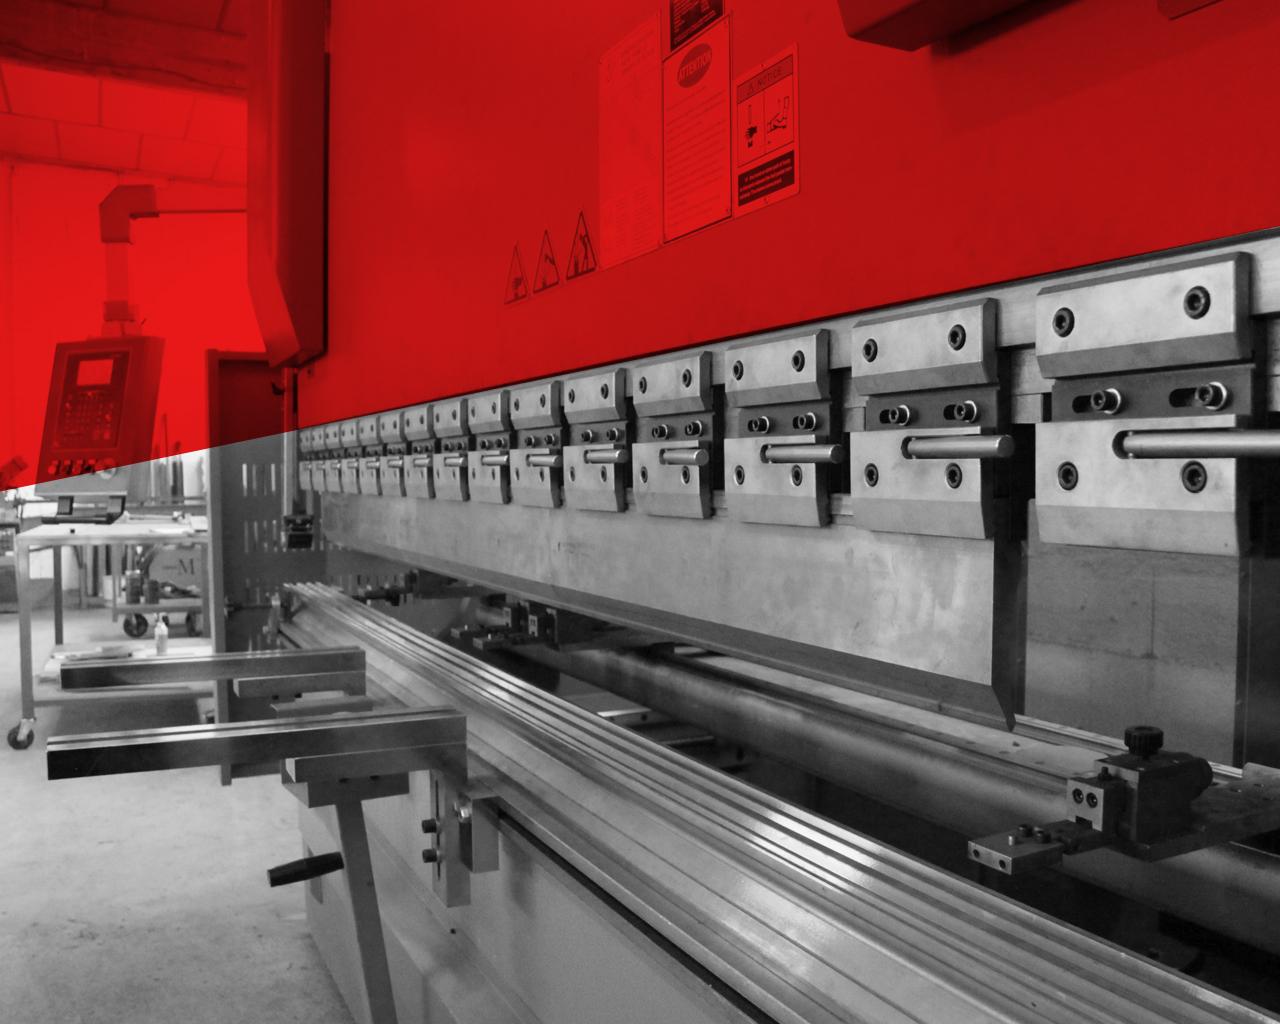 Presse plieuse 180 tonnes à commande numérique. Capacité de pliage : 8 mm d'épaisseur sur 3 mètres